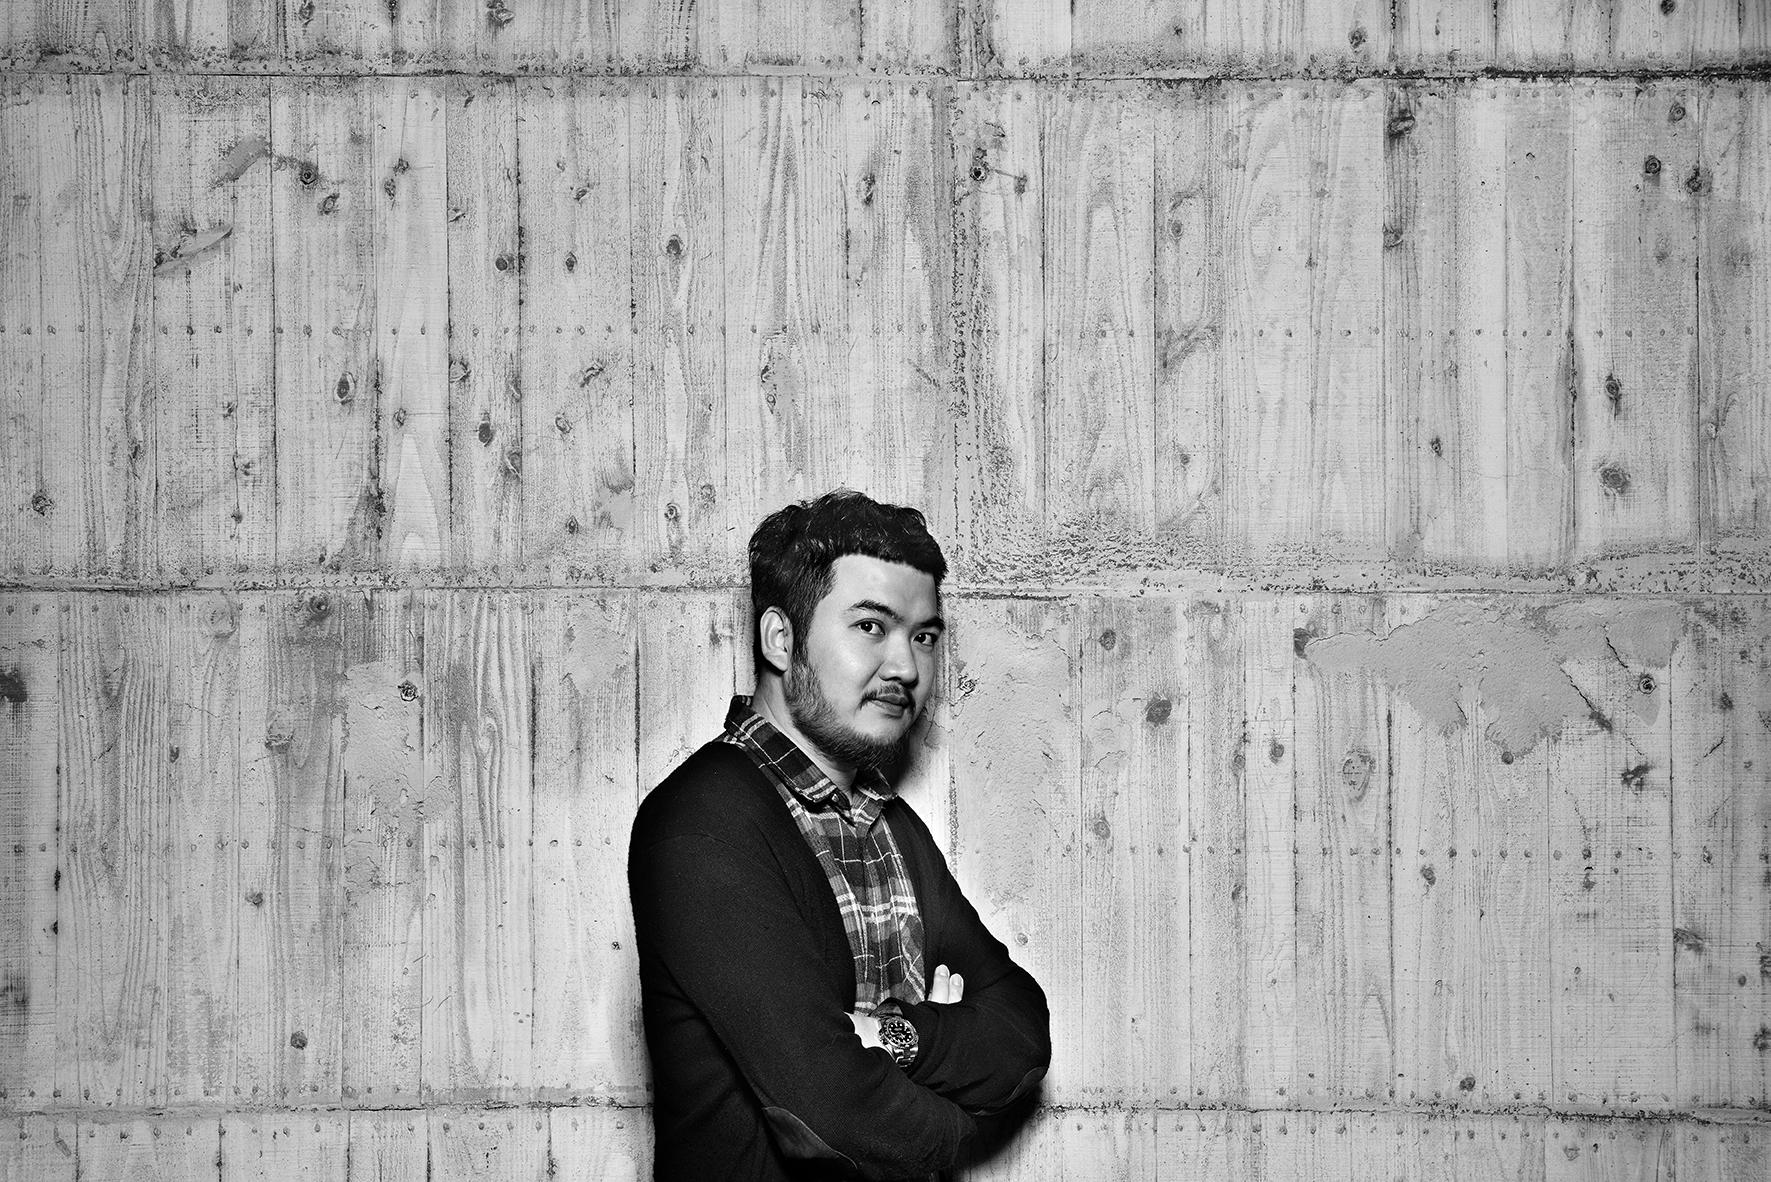 鄒駿昇Page Tsou / 視覺藝術家 Visual Artist  吉日工作室藝術總監 Art Director of Studio Auspicious